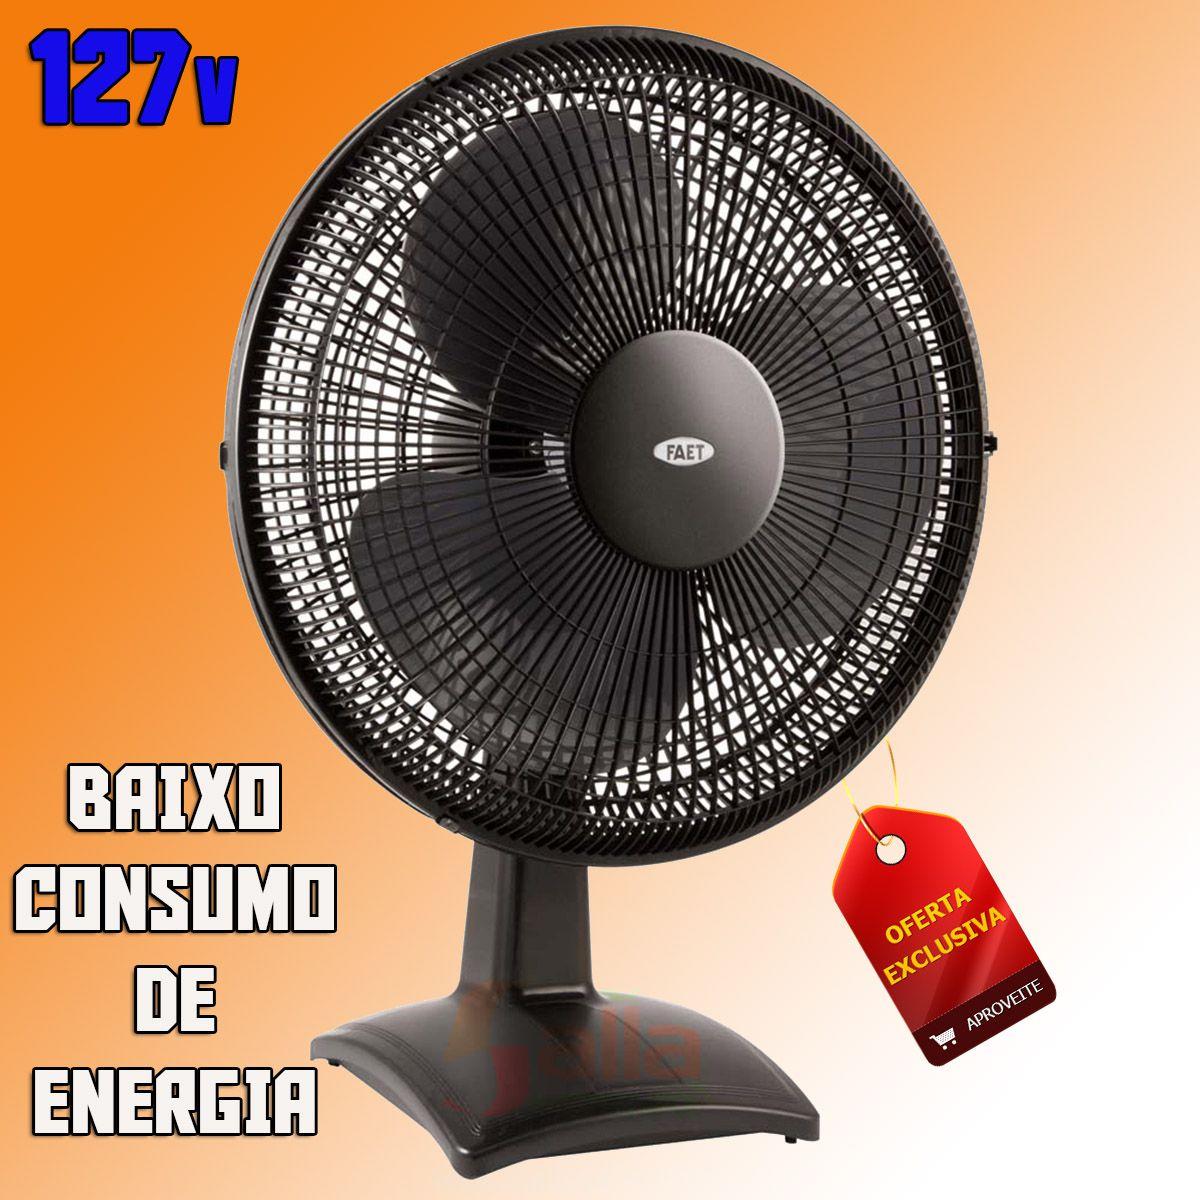 Ventilador de Mesa 40cm 3 Velocidades Oscilante Super Eurus Black 127v Faet Silencioso